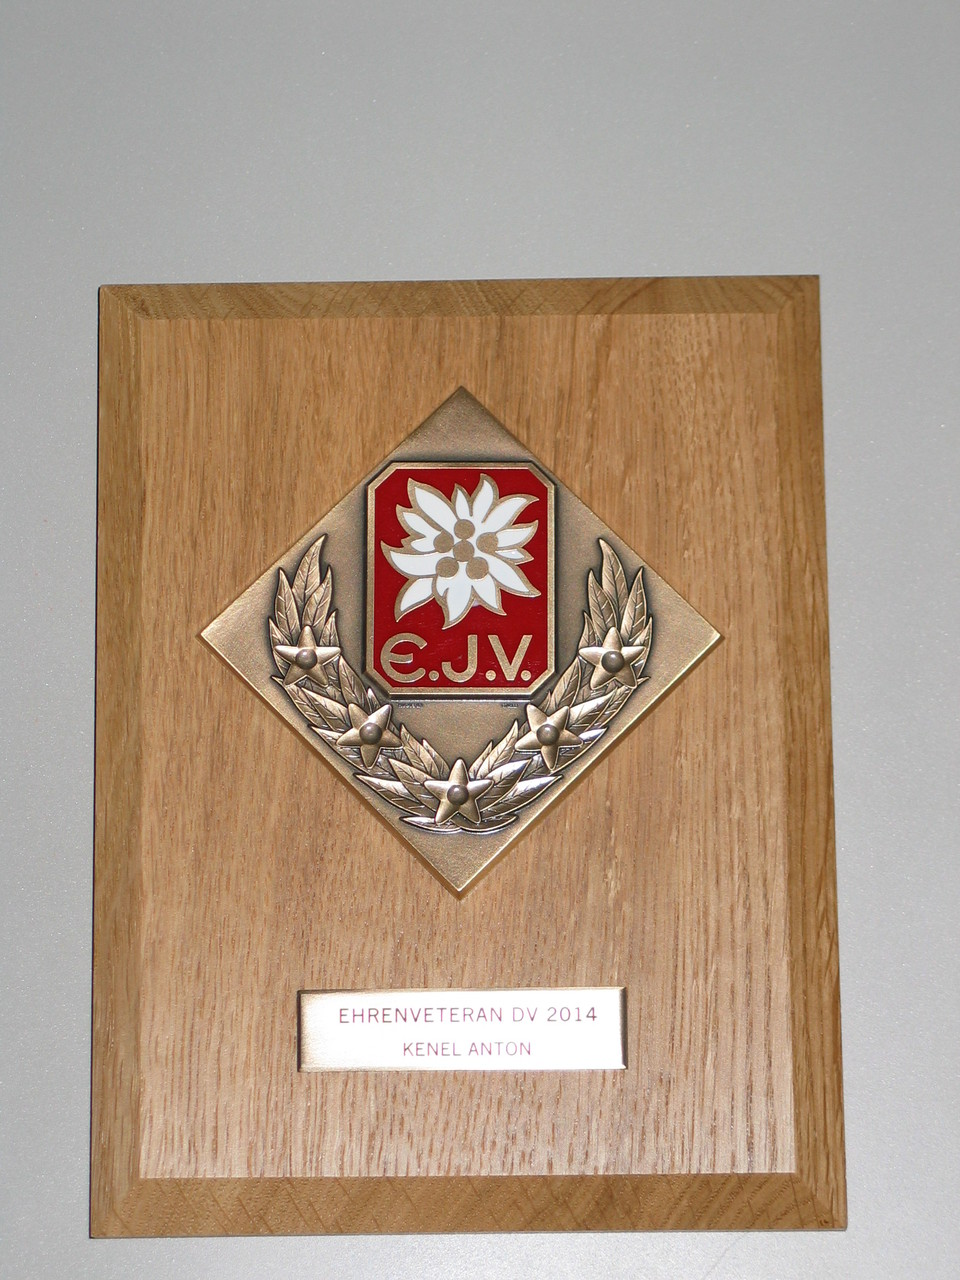 ... die Ehrentafel des Eidg. Jodlerverbandes mit der Ernennung zum Ehrenveteran